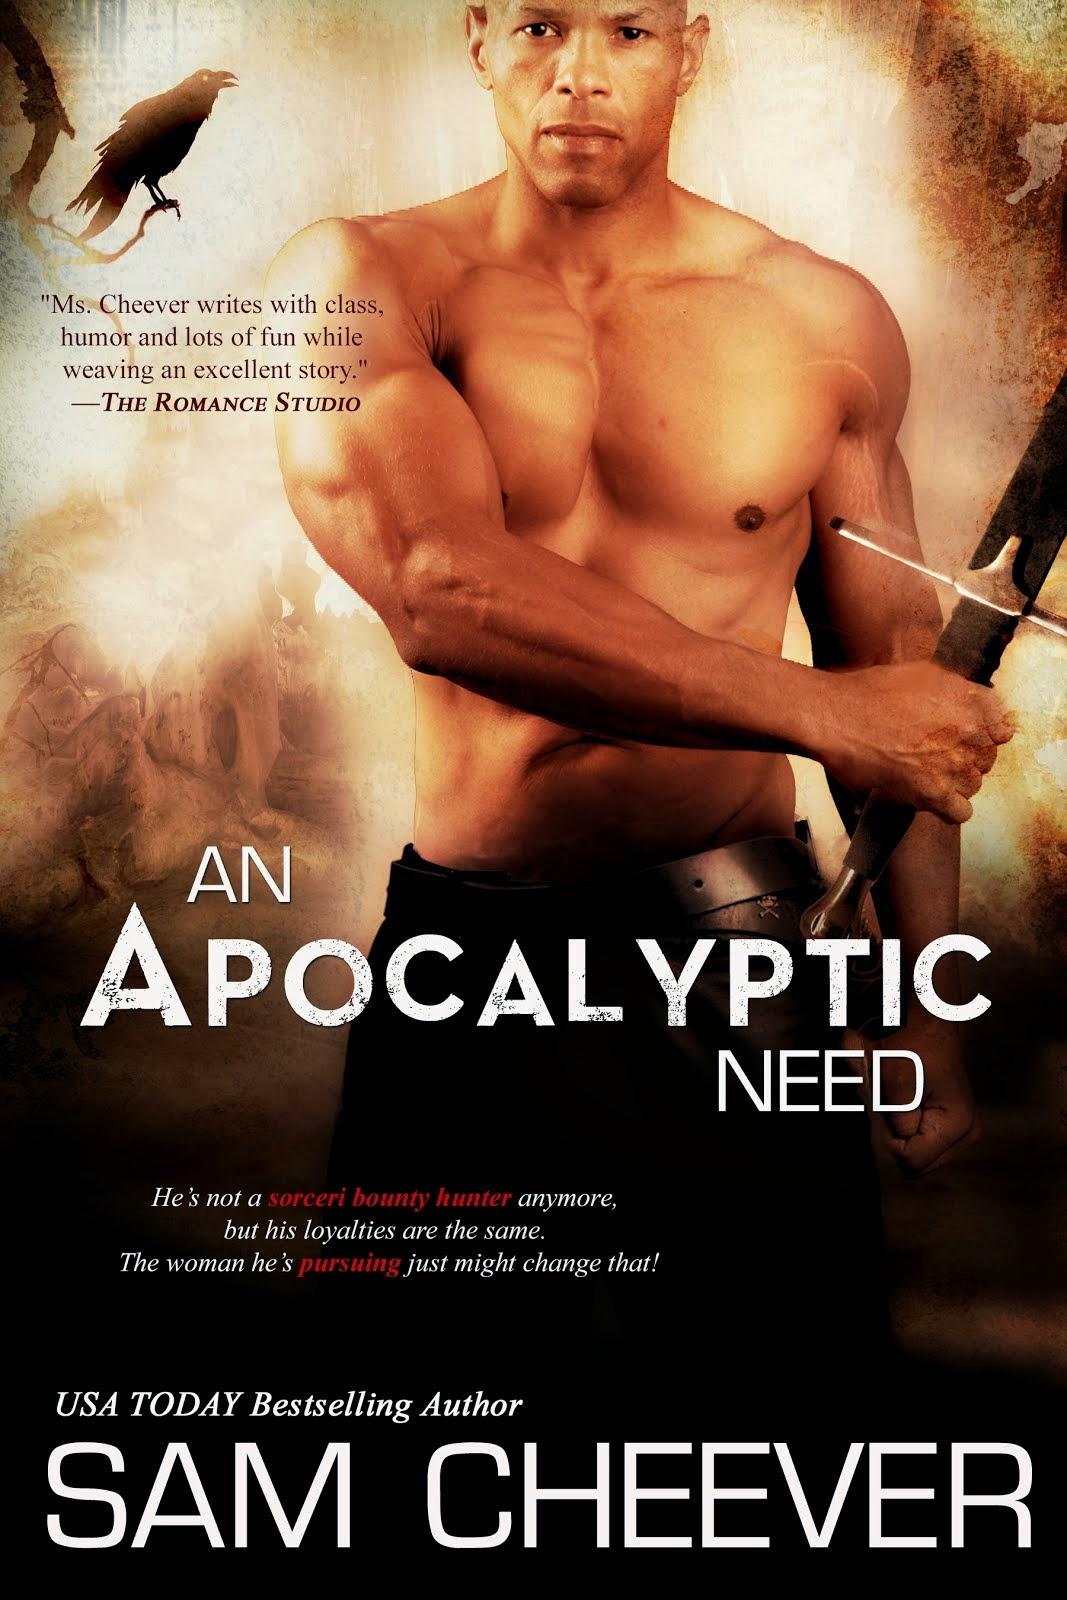 An Apocalyptic Need